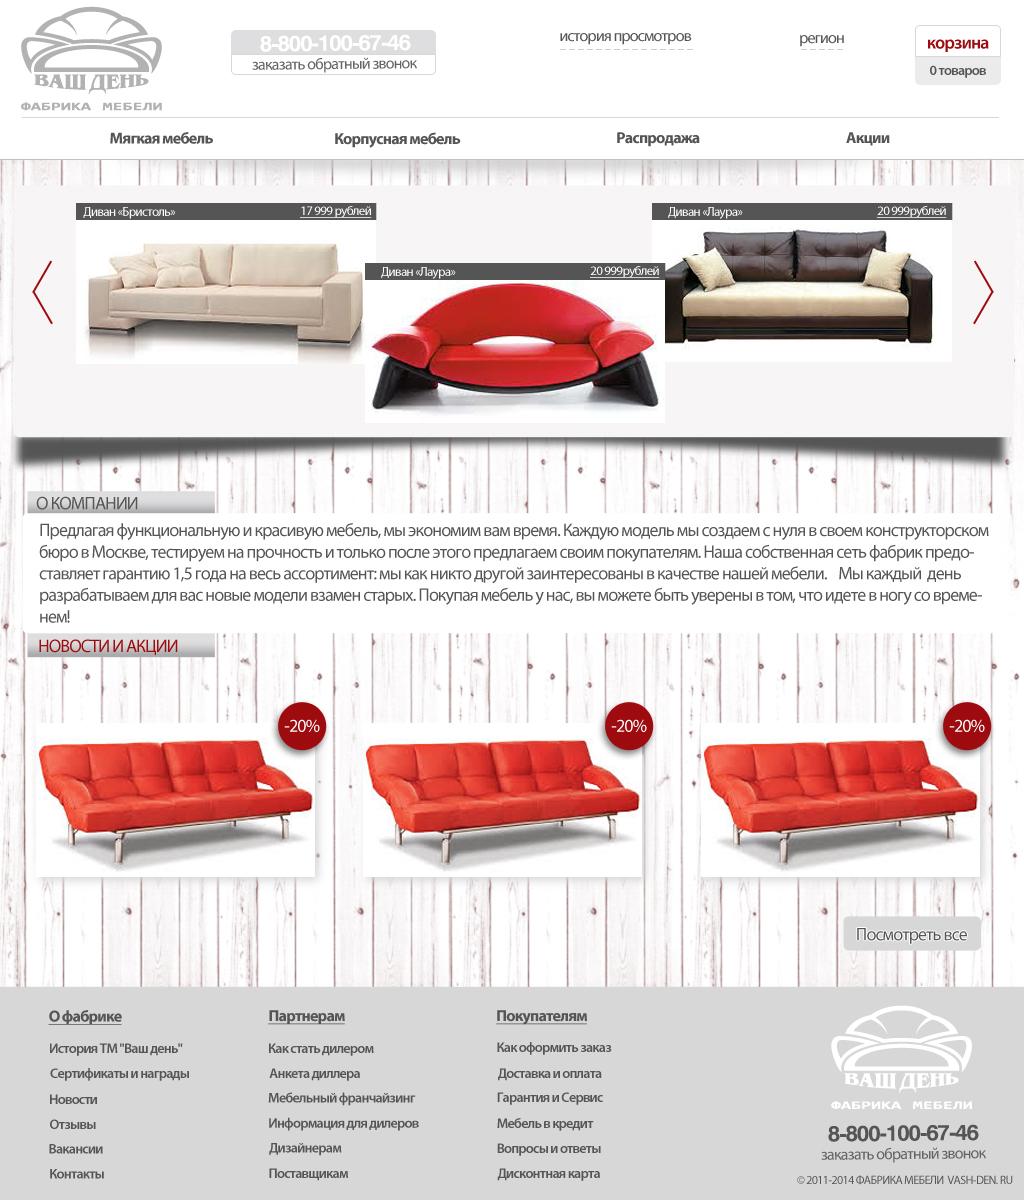 Разработать дизайн для интернет-магазина мебели фото f_08252e7e4816db4a.jpg